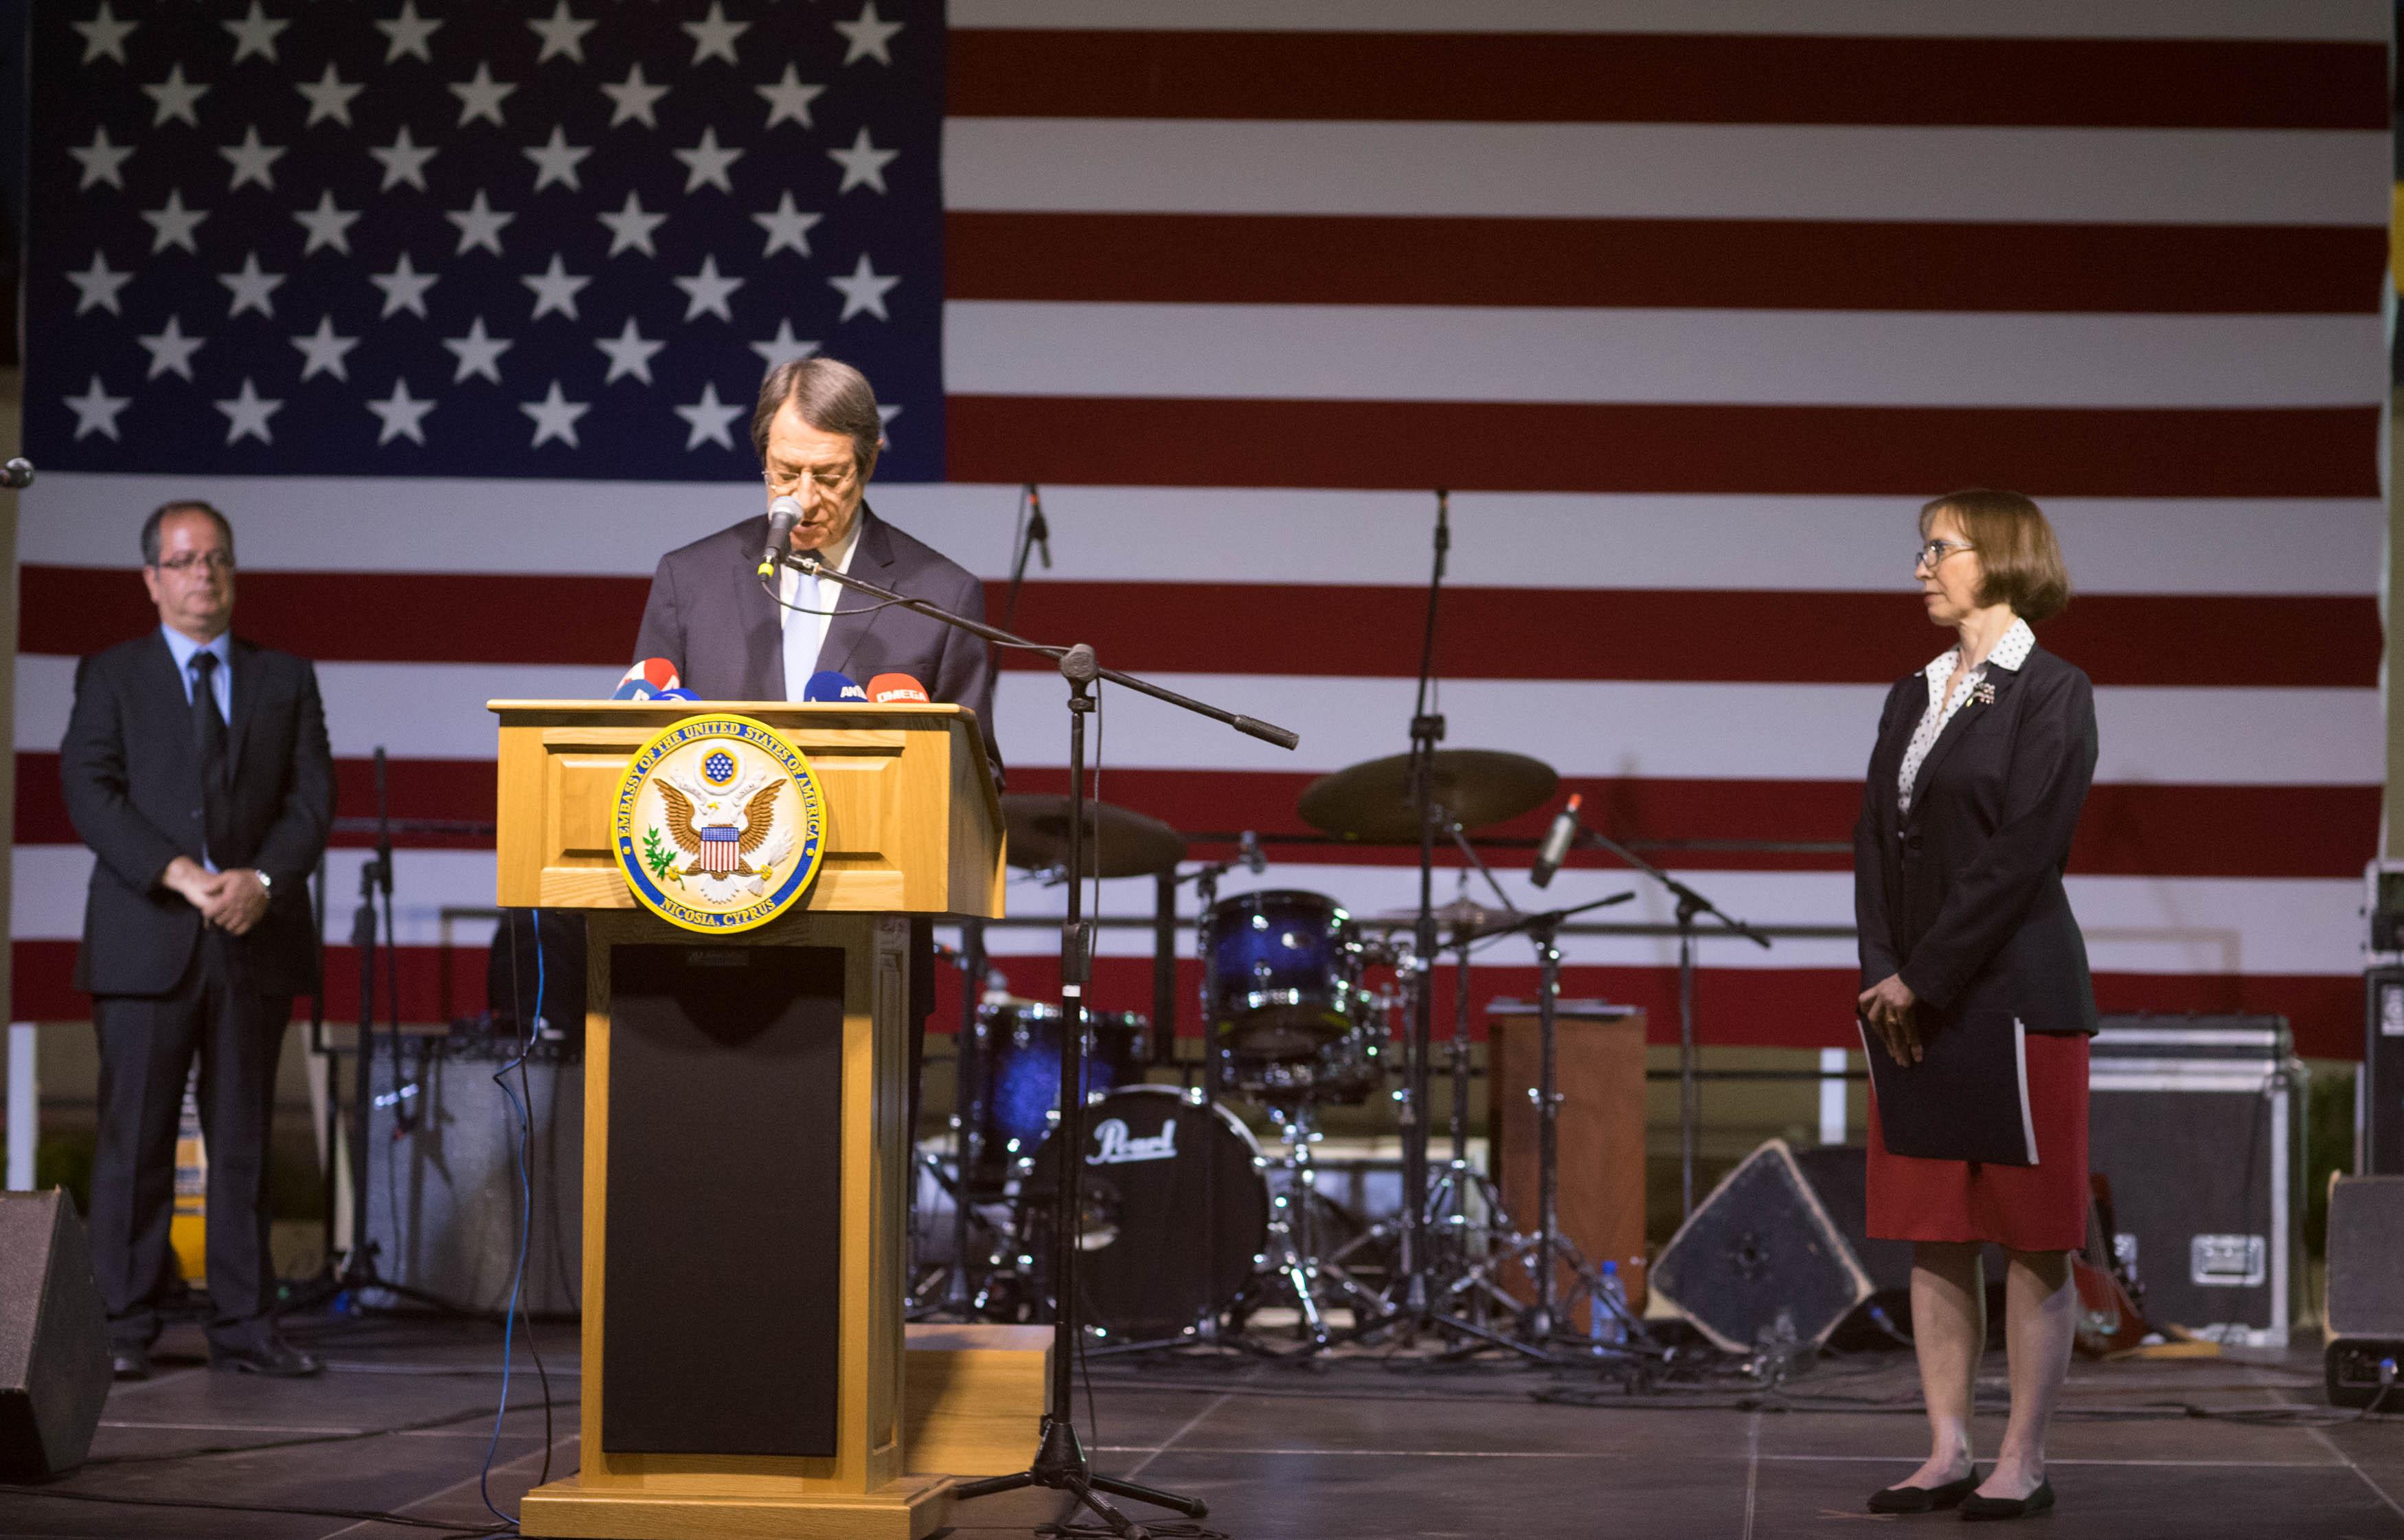 Ανησυχία ΗΠΑ από πρόθεση Τουρκίας για γεώτρηση ανοικτά της Κύπρου